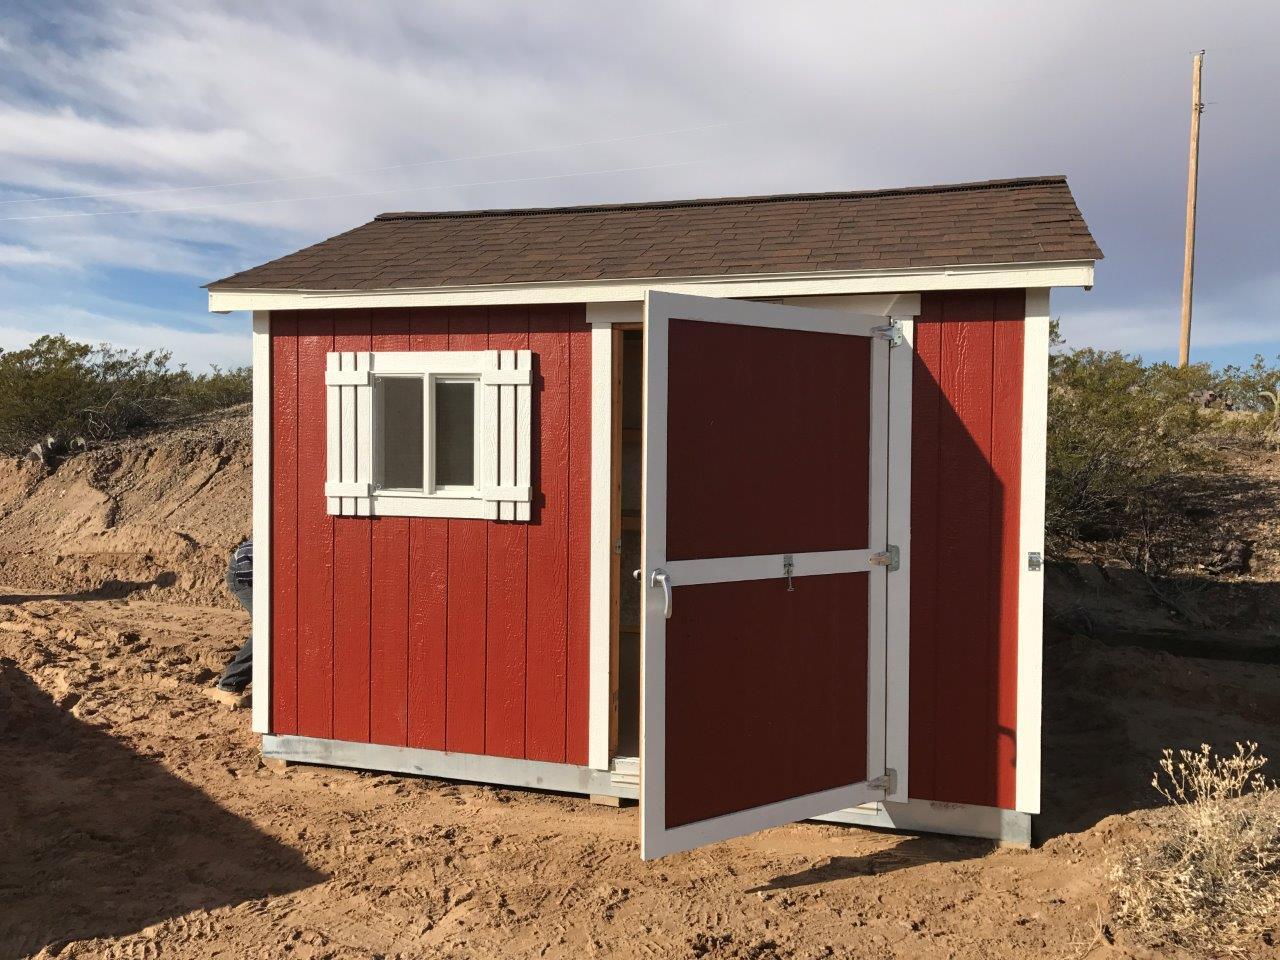 Terri 39 s tuff shed plan tuff shed for Tuff sheds